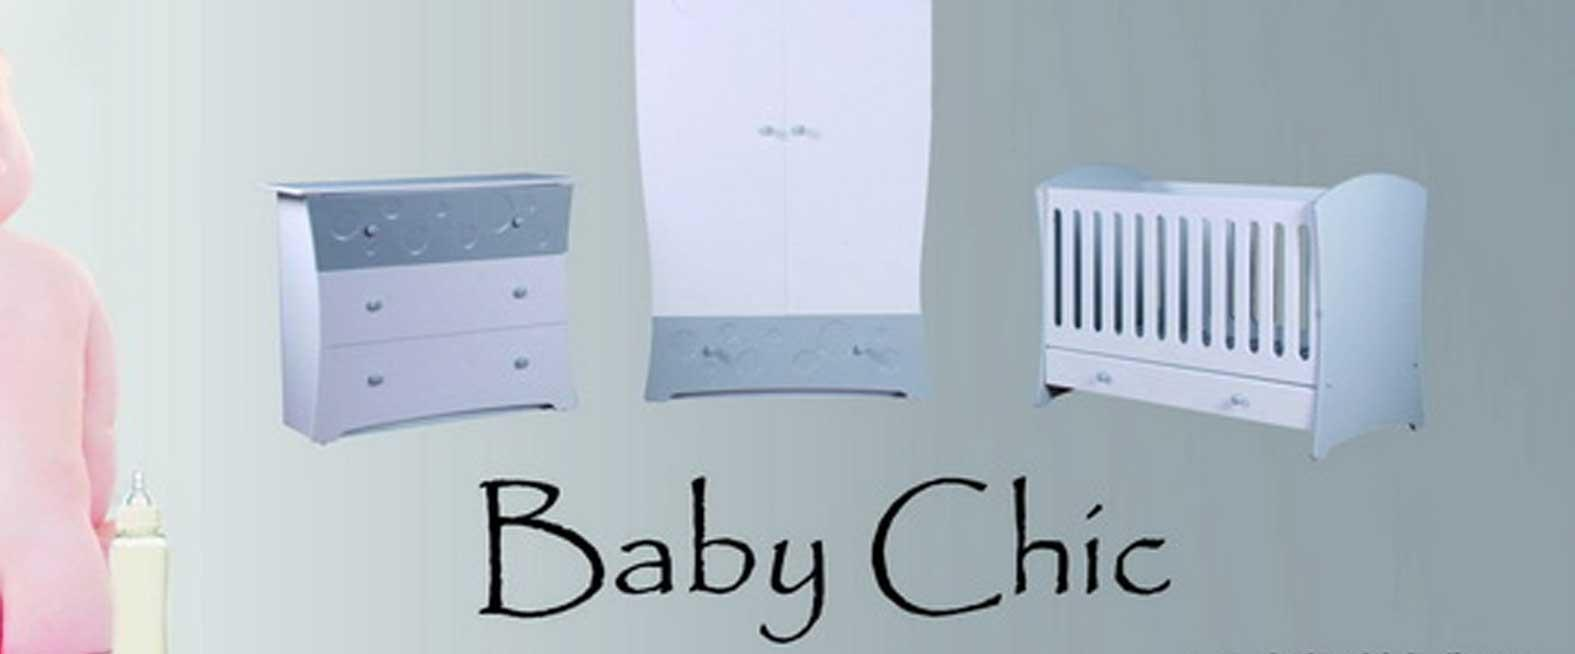 Baby Chic Bali